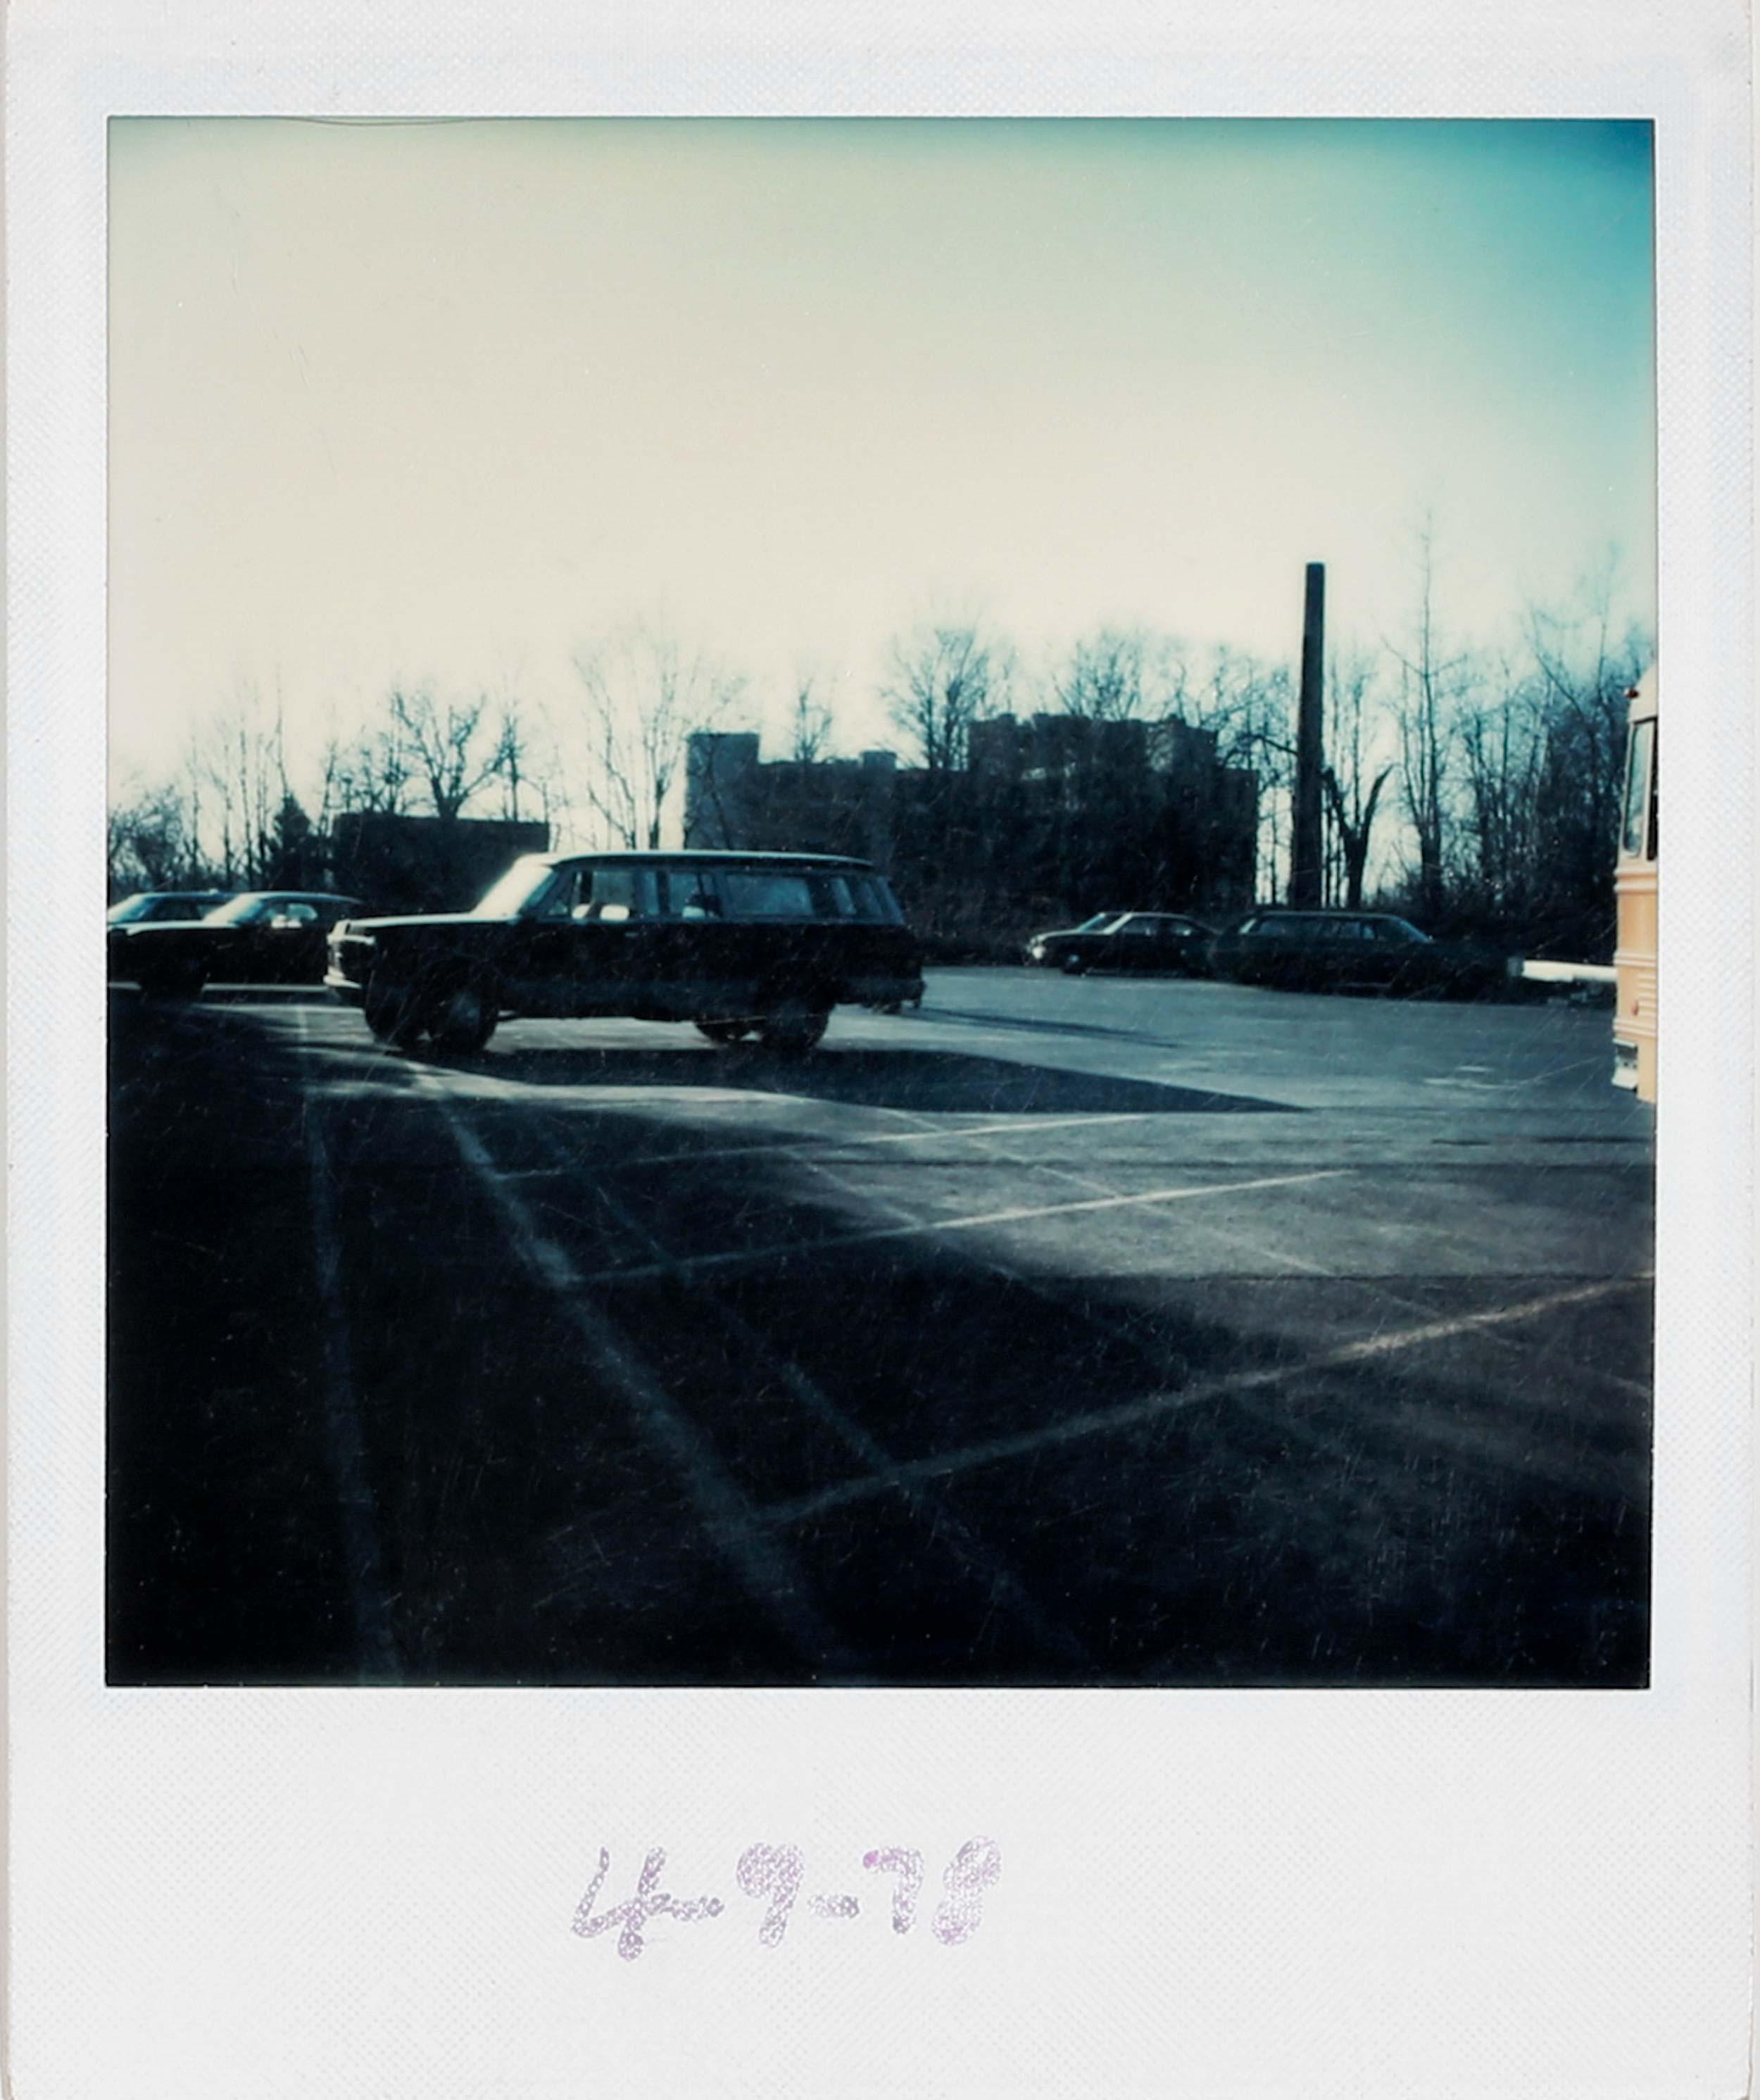 car-1T4A7567.jpg